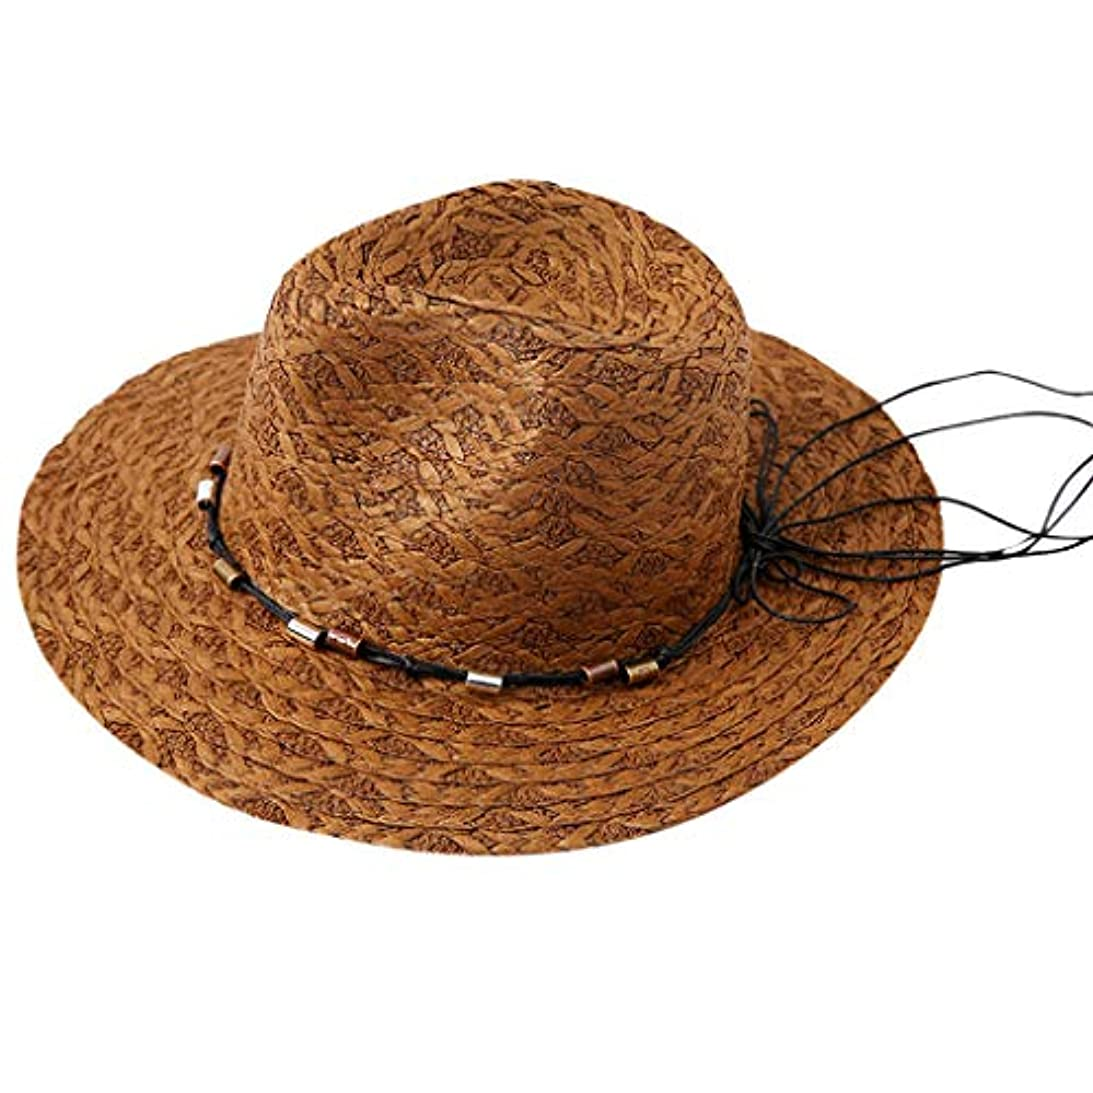 ショットサルベージ石化する麦わら帽子 レディース UVカット ハット つば広 帽子 サイズ調整 テープ ハット 日除け キャップ レディース 小顔効果 紫外線防止 レディース 日よけ 日常用 可愛い ペーパーハット 紫外線対策 日焼け防止 ROSE...